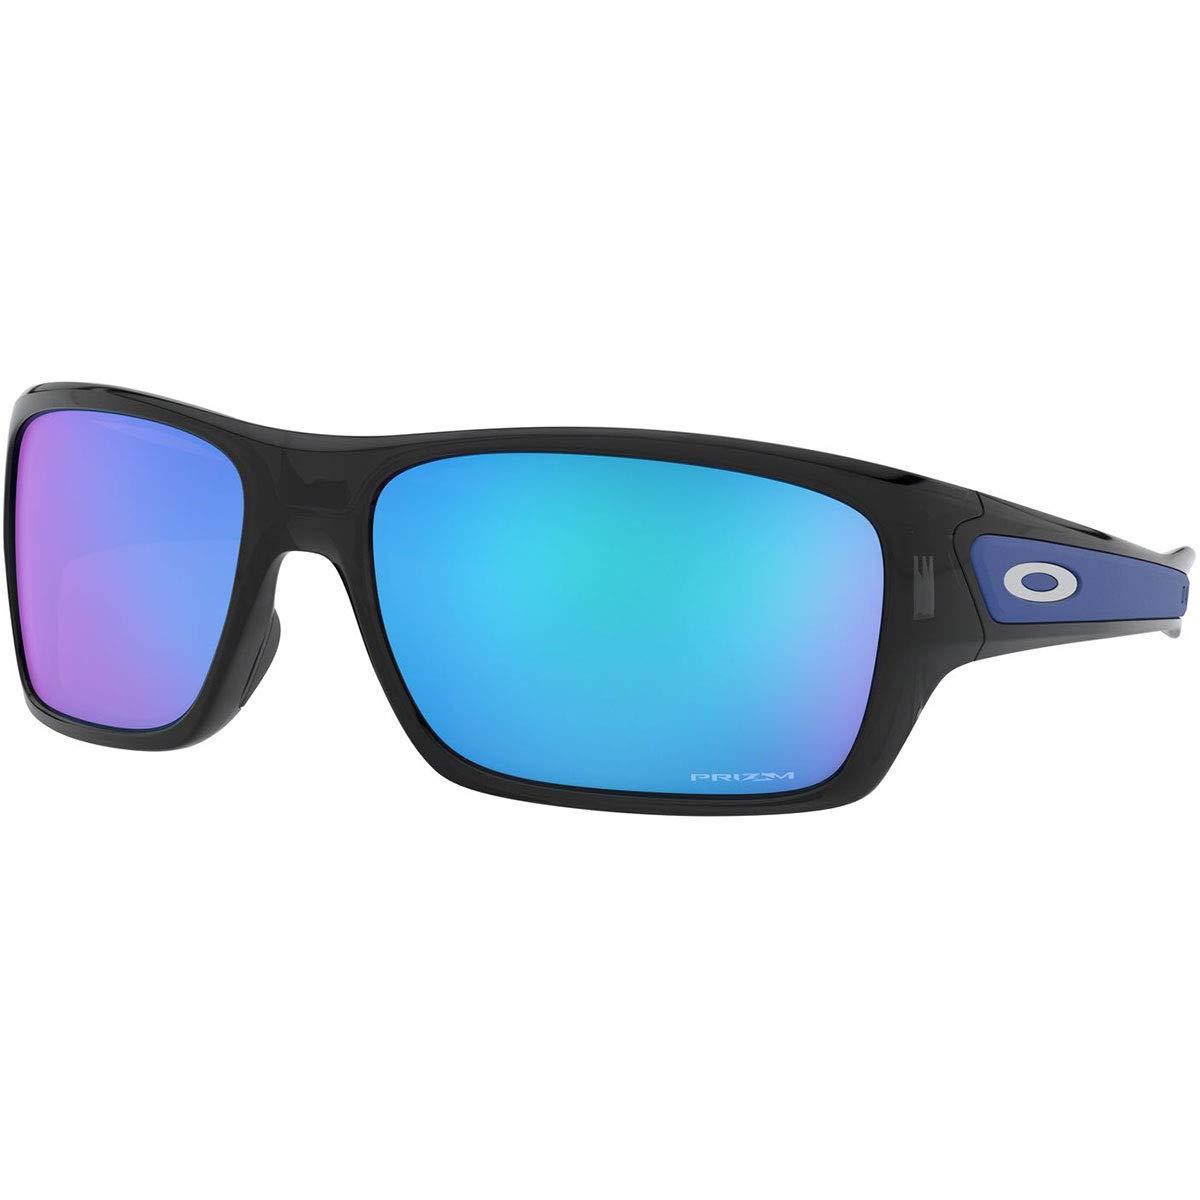 050d1d923d48 Amazon.com  Oakley Men s Turbine Rectangular Sunglasses